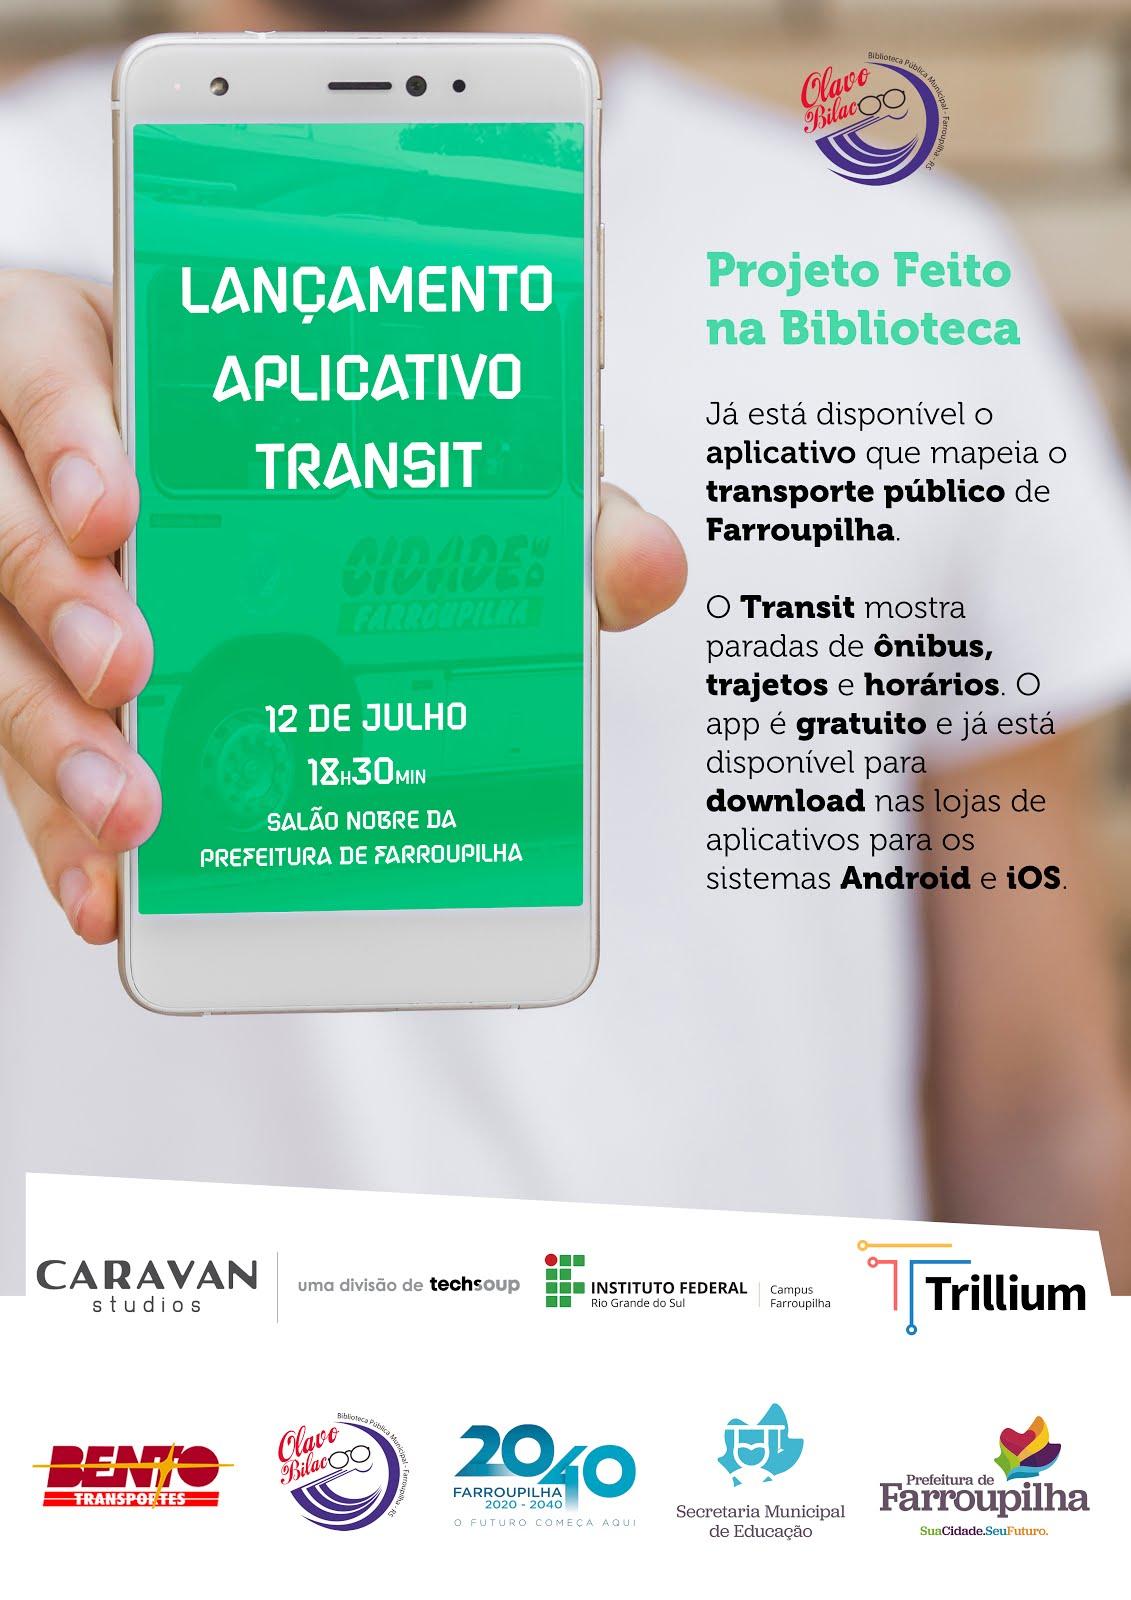 Lançamento APP transporte público